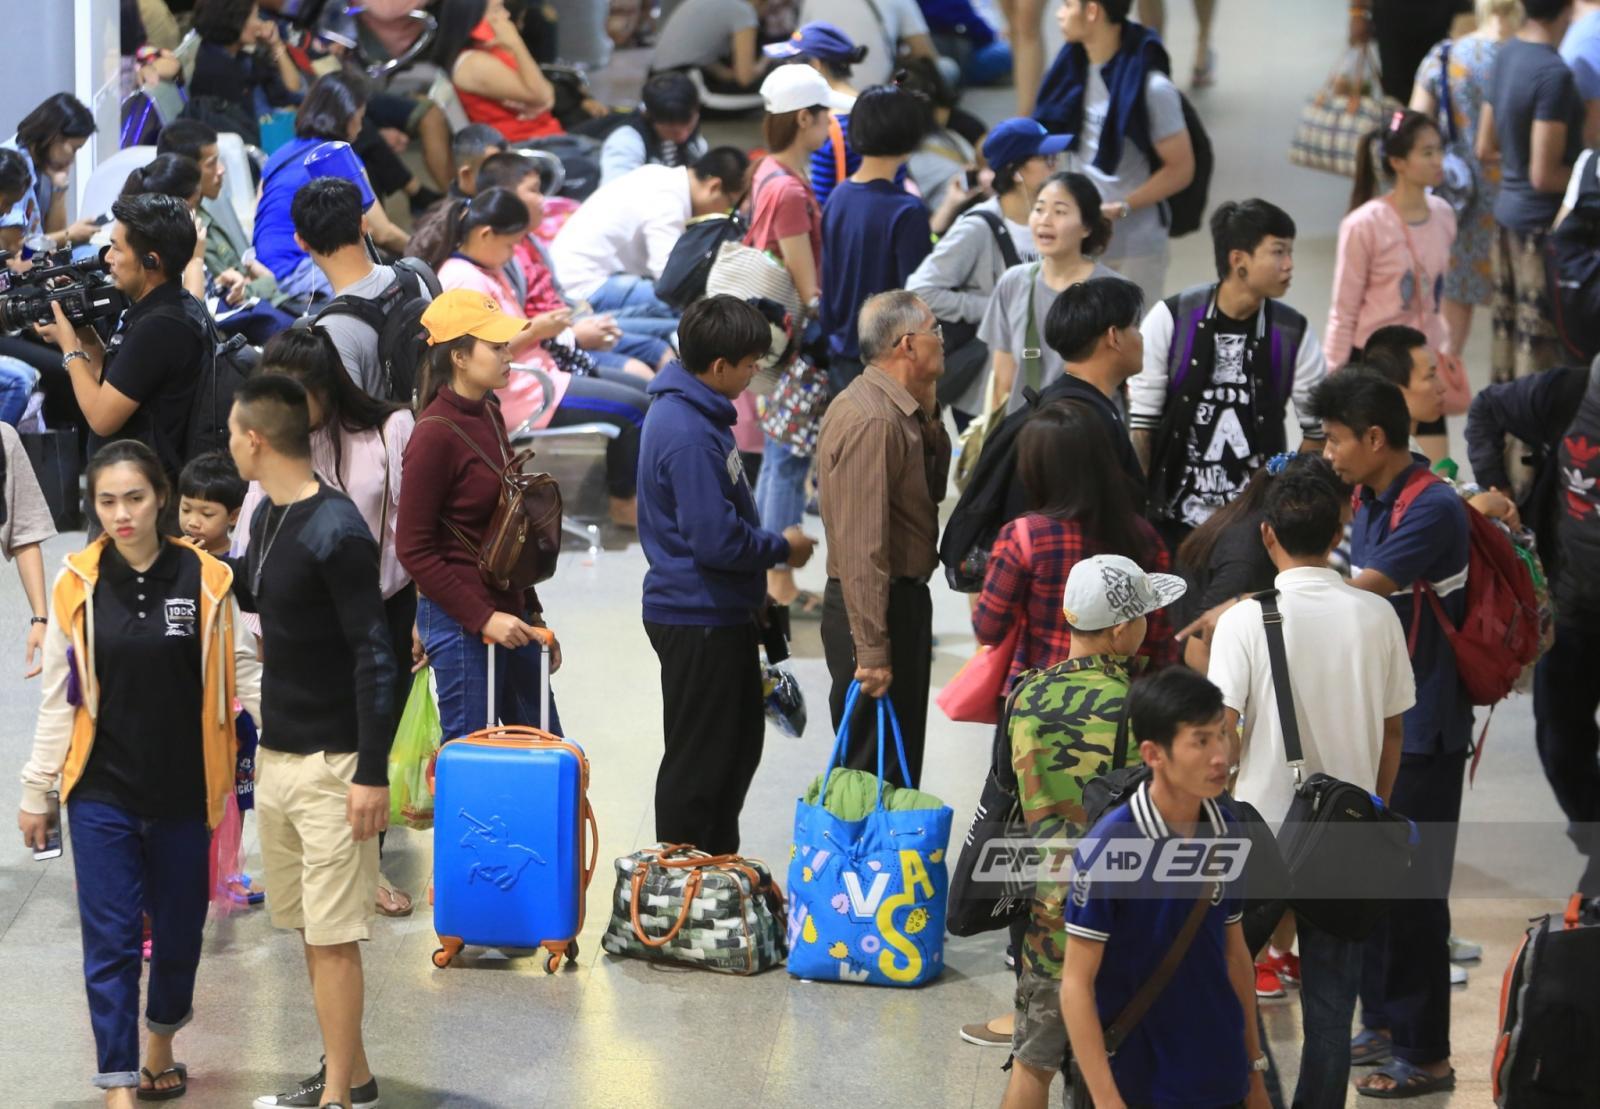 บขส.มั่นใจ ไม่มีผู้โดยสารตกค้าง ยอดคนเดินทางกว่า 150,000 คน